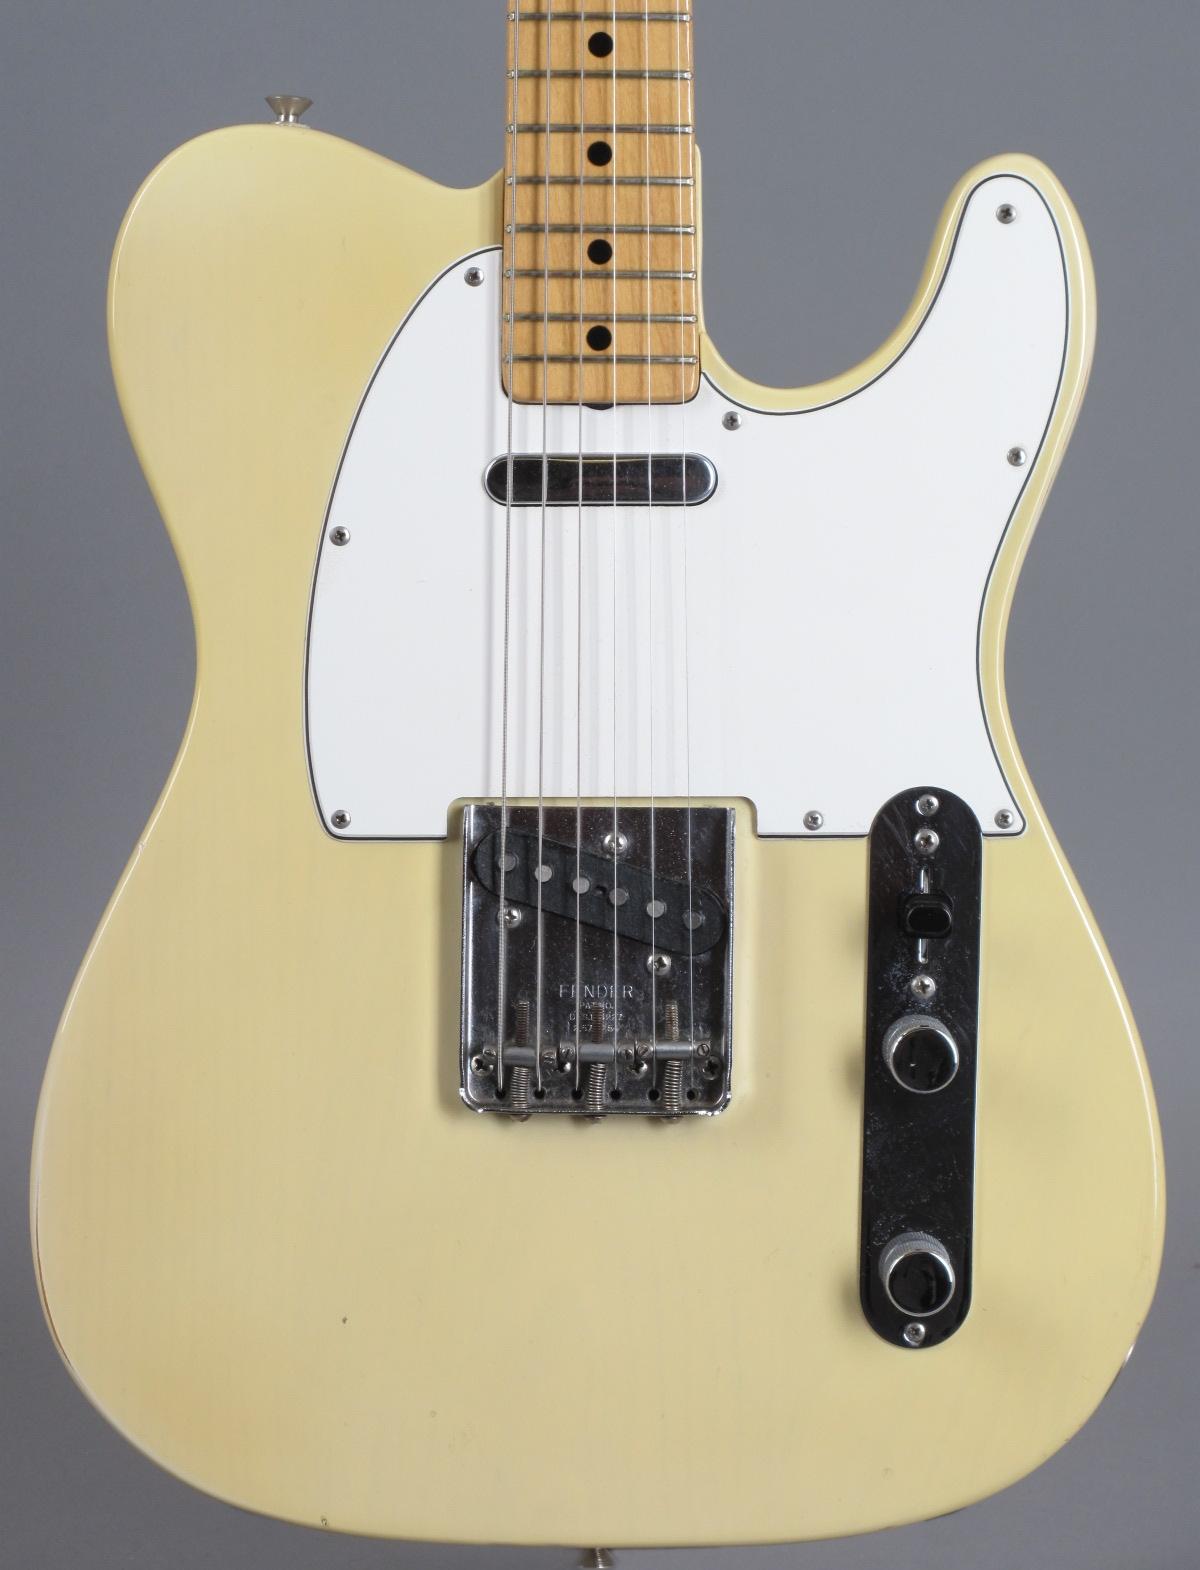 1971 Fender Telecaster - Blond